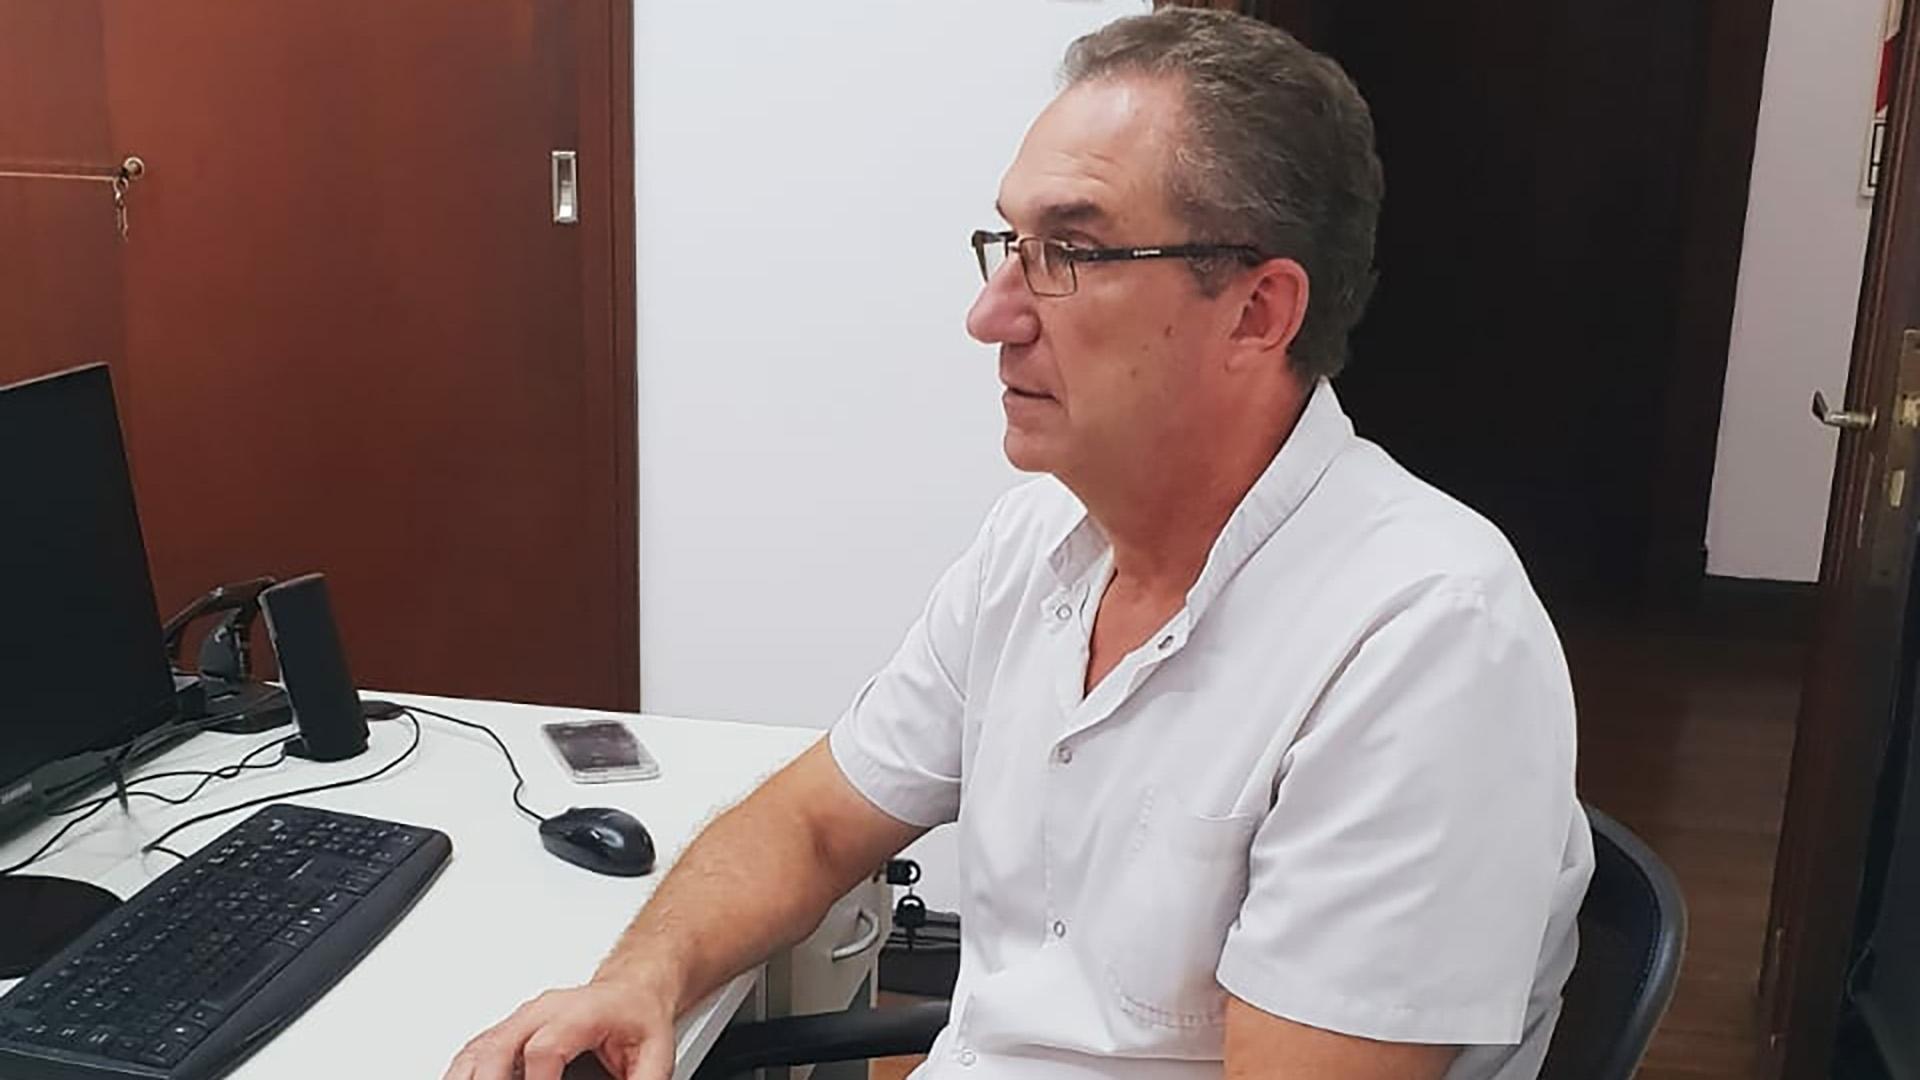 Eduardo Martiarena, traumatólogo y dirigente de CEMIBO, que agrupa a 7 asociaciones médicas.